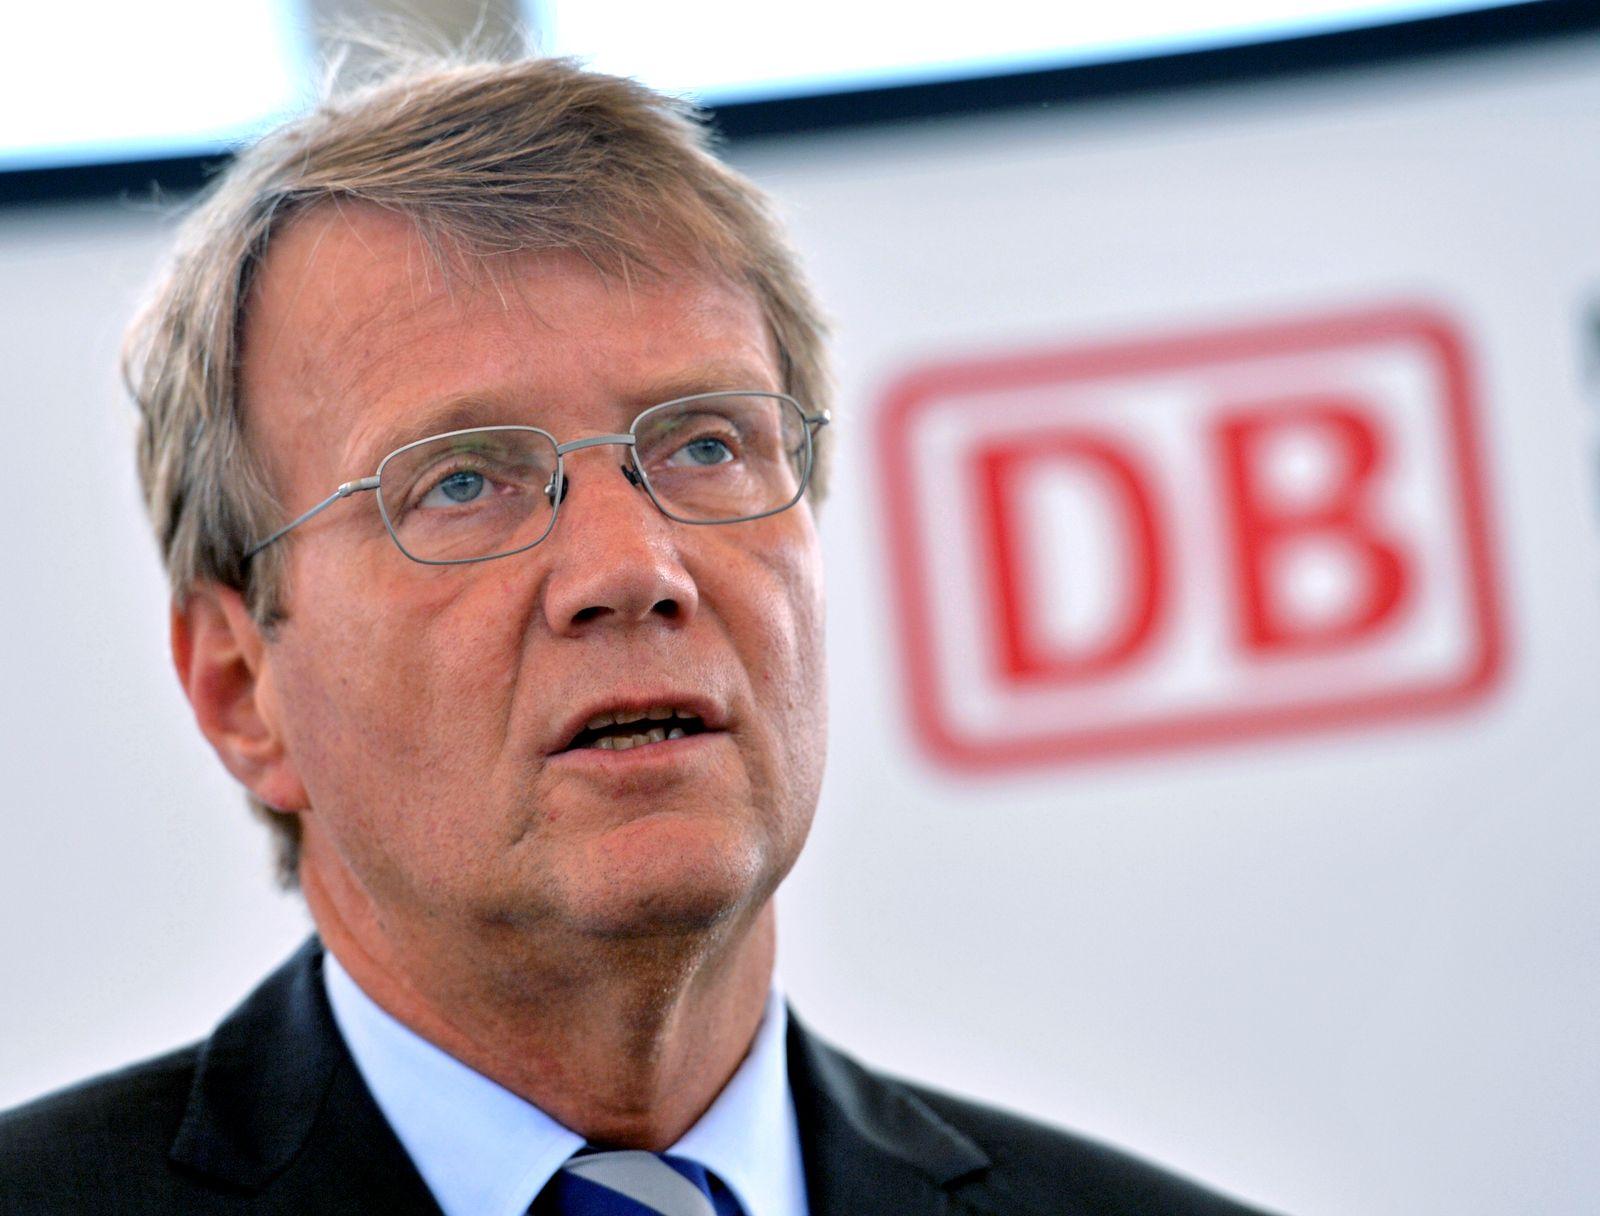 Deutsche Bahn / Ronald Pofalla